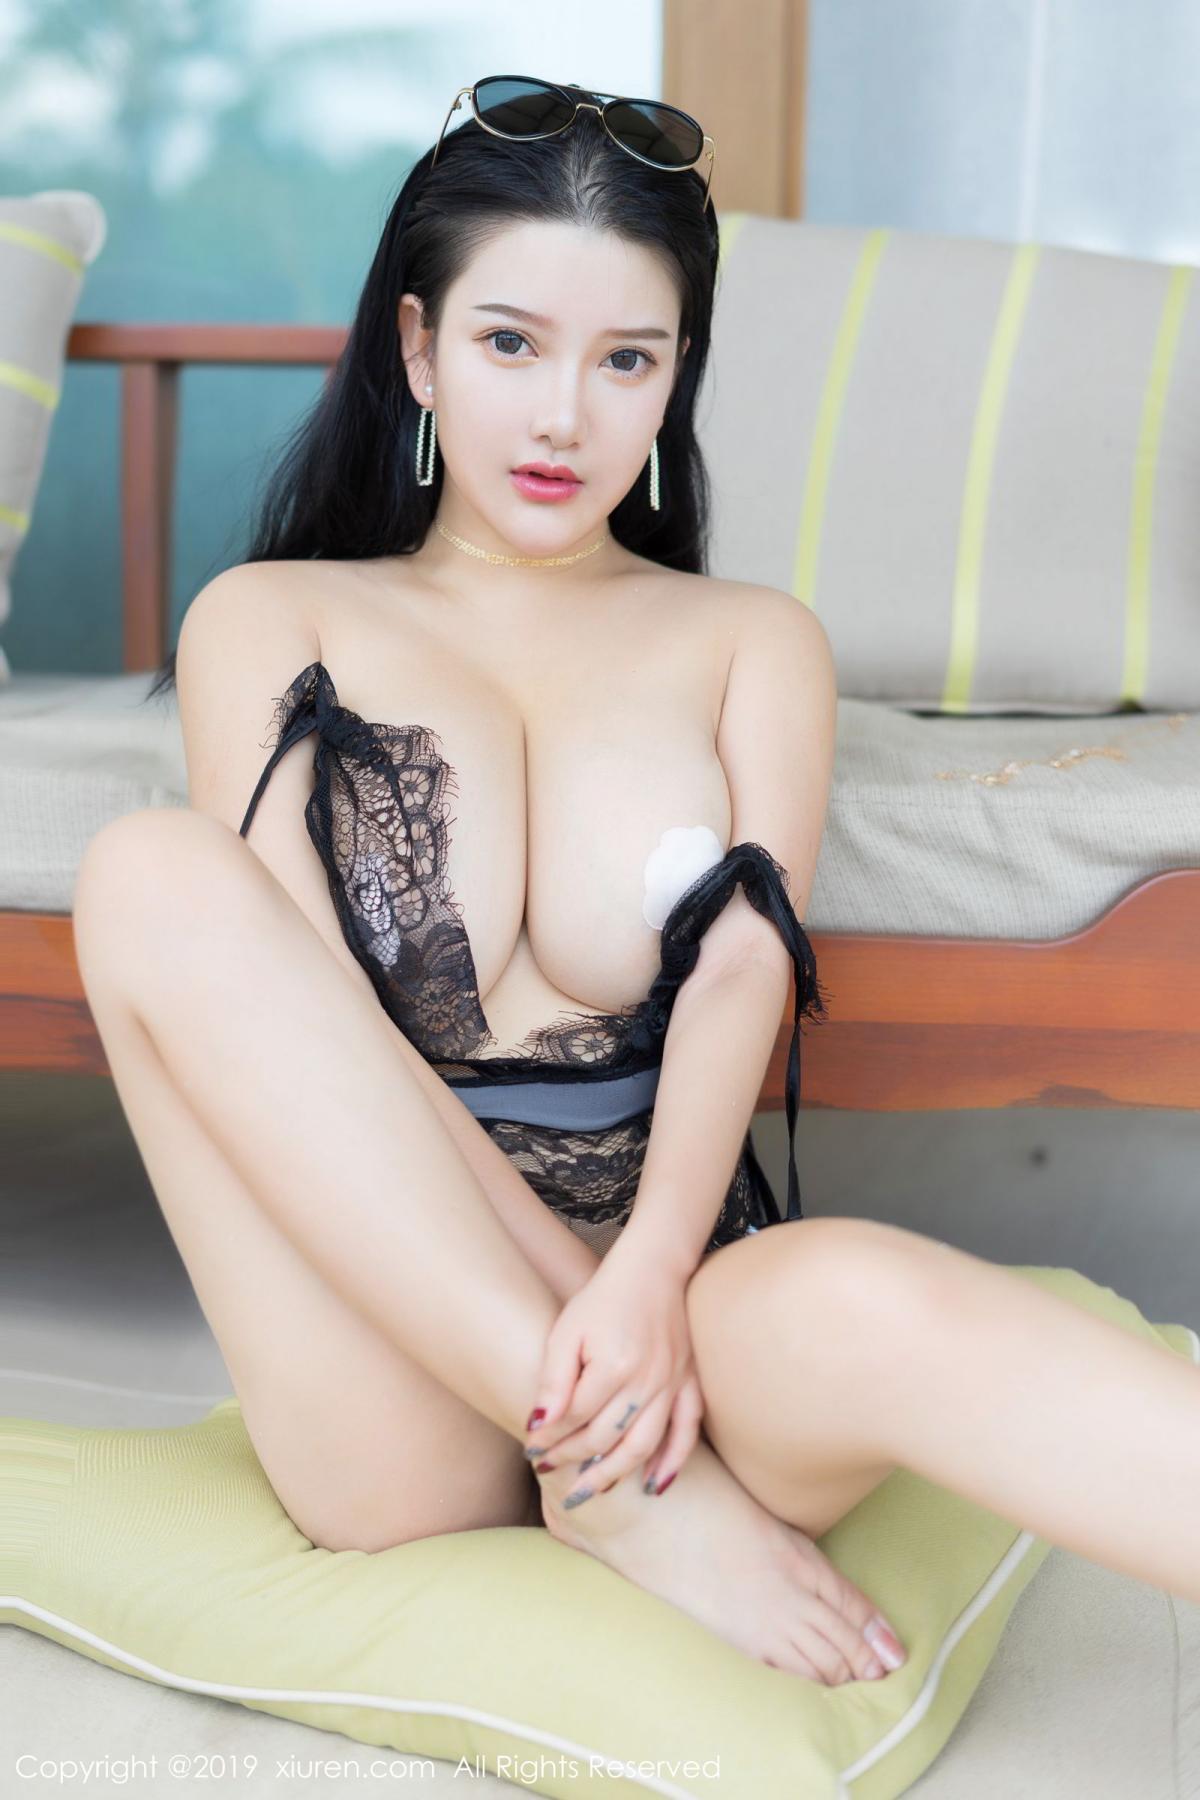 [XiuRen] Vol.1726 Lu Lu Xiao Miao 1P, Lu Lu Xiao Miao, Outdoor, Swim Pool, Xiuren